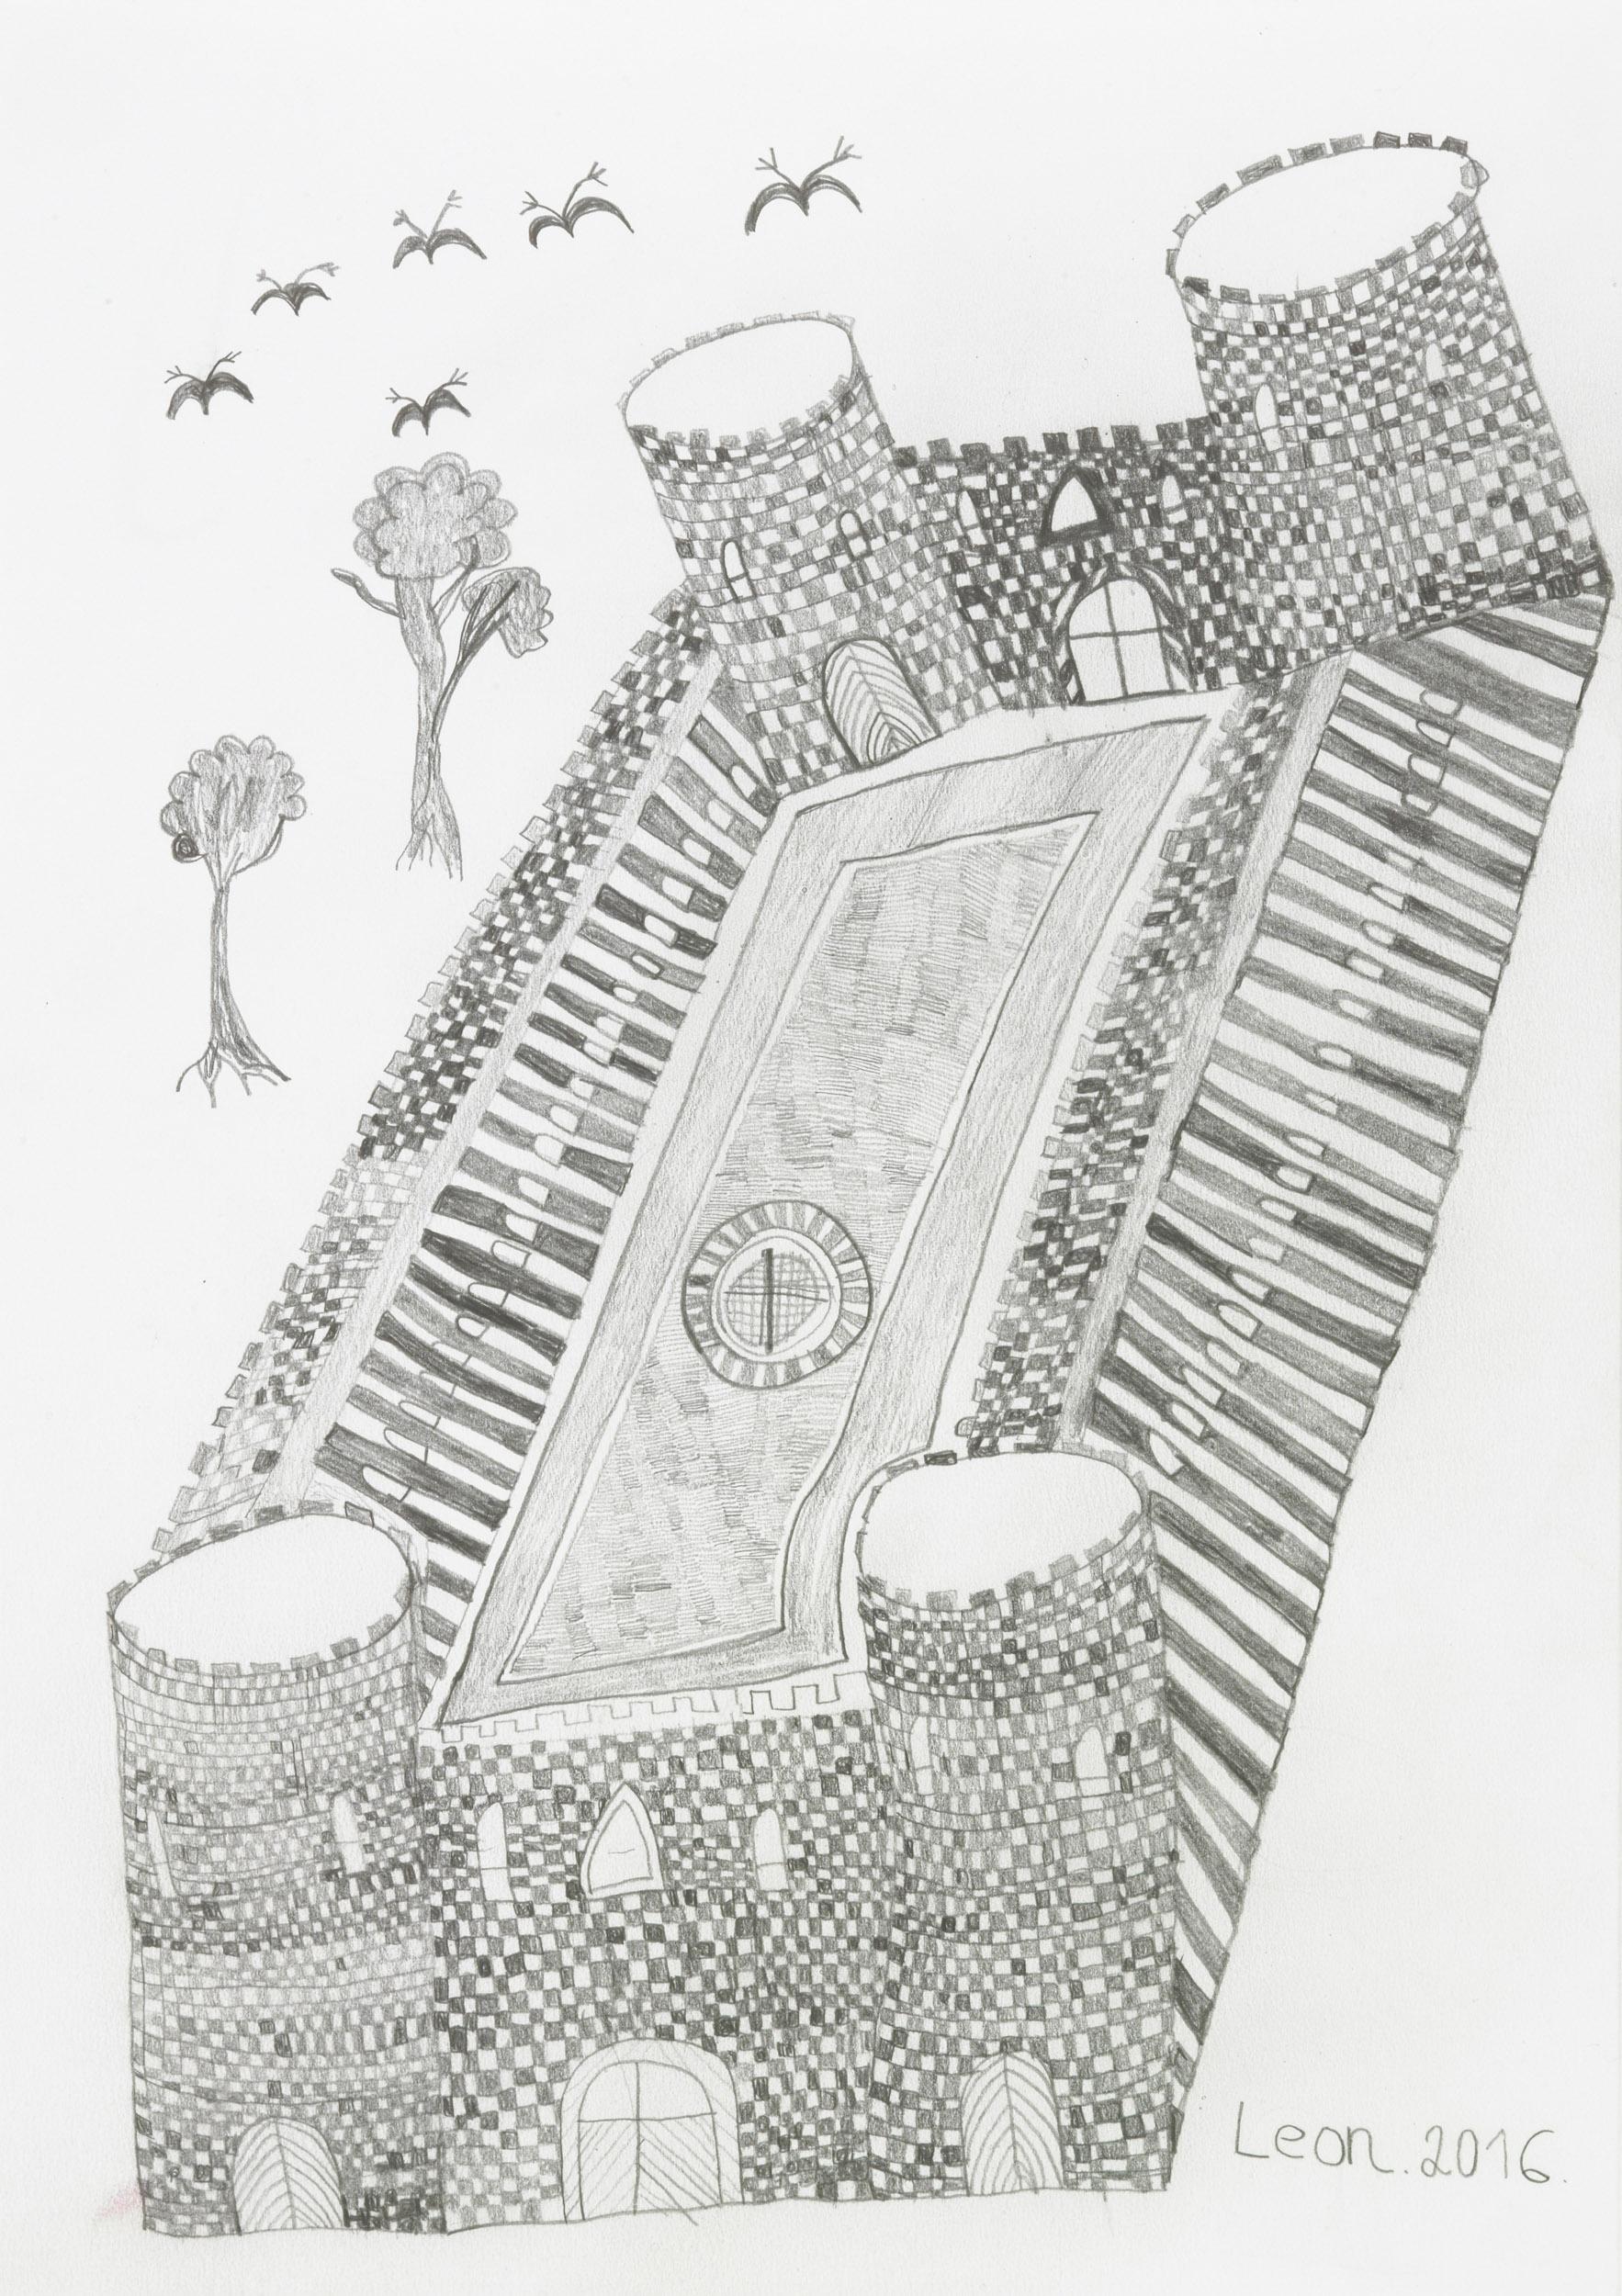 fink leonhard - The Castle of Cymrue of Wales